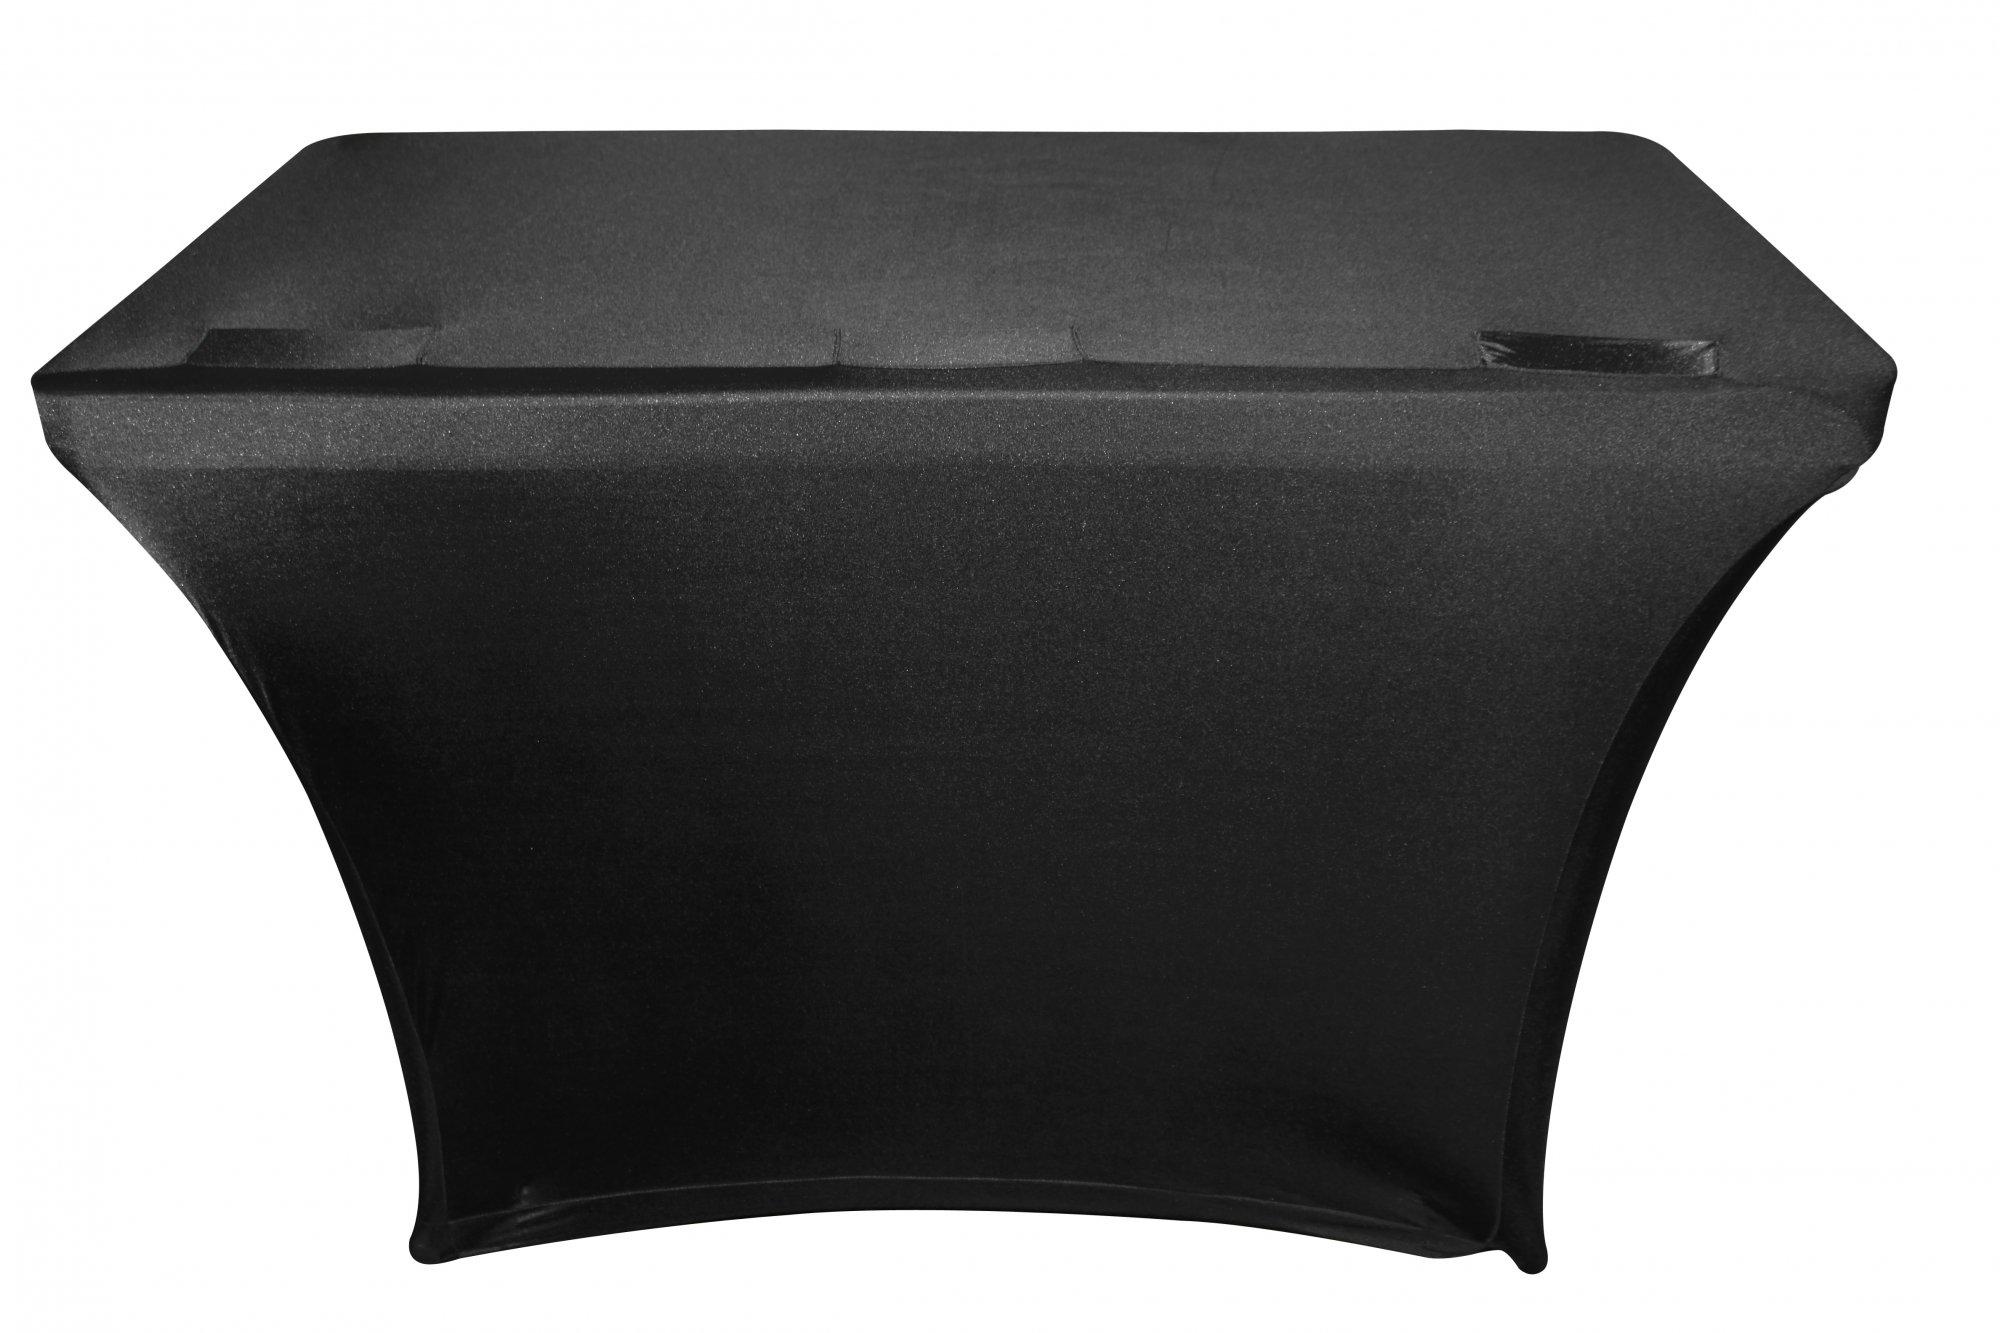 Odyssey Case SPATBL4BLK - Scrim for Banquet Table, 4'  Black